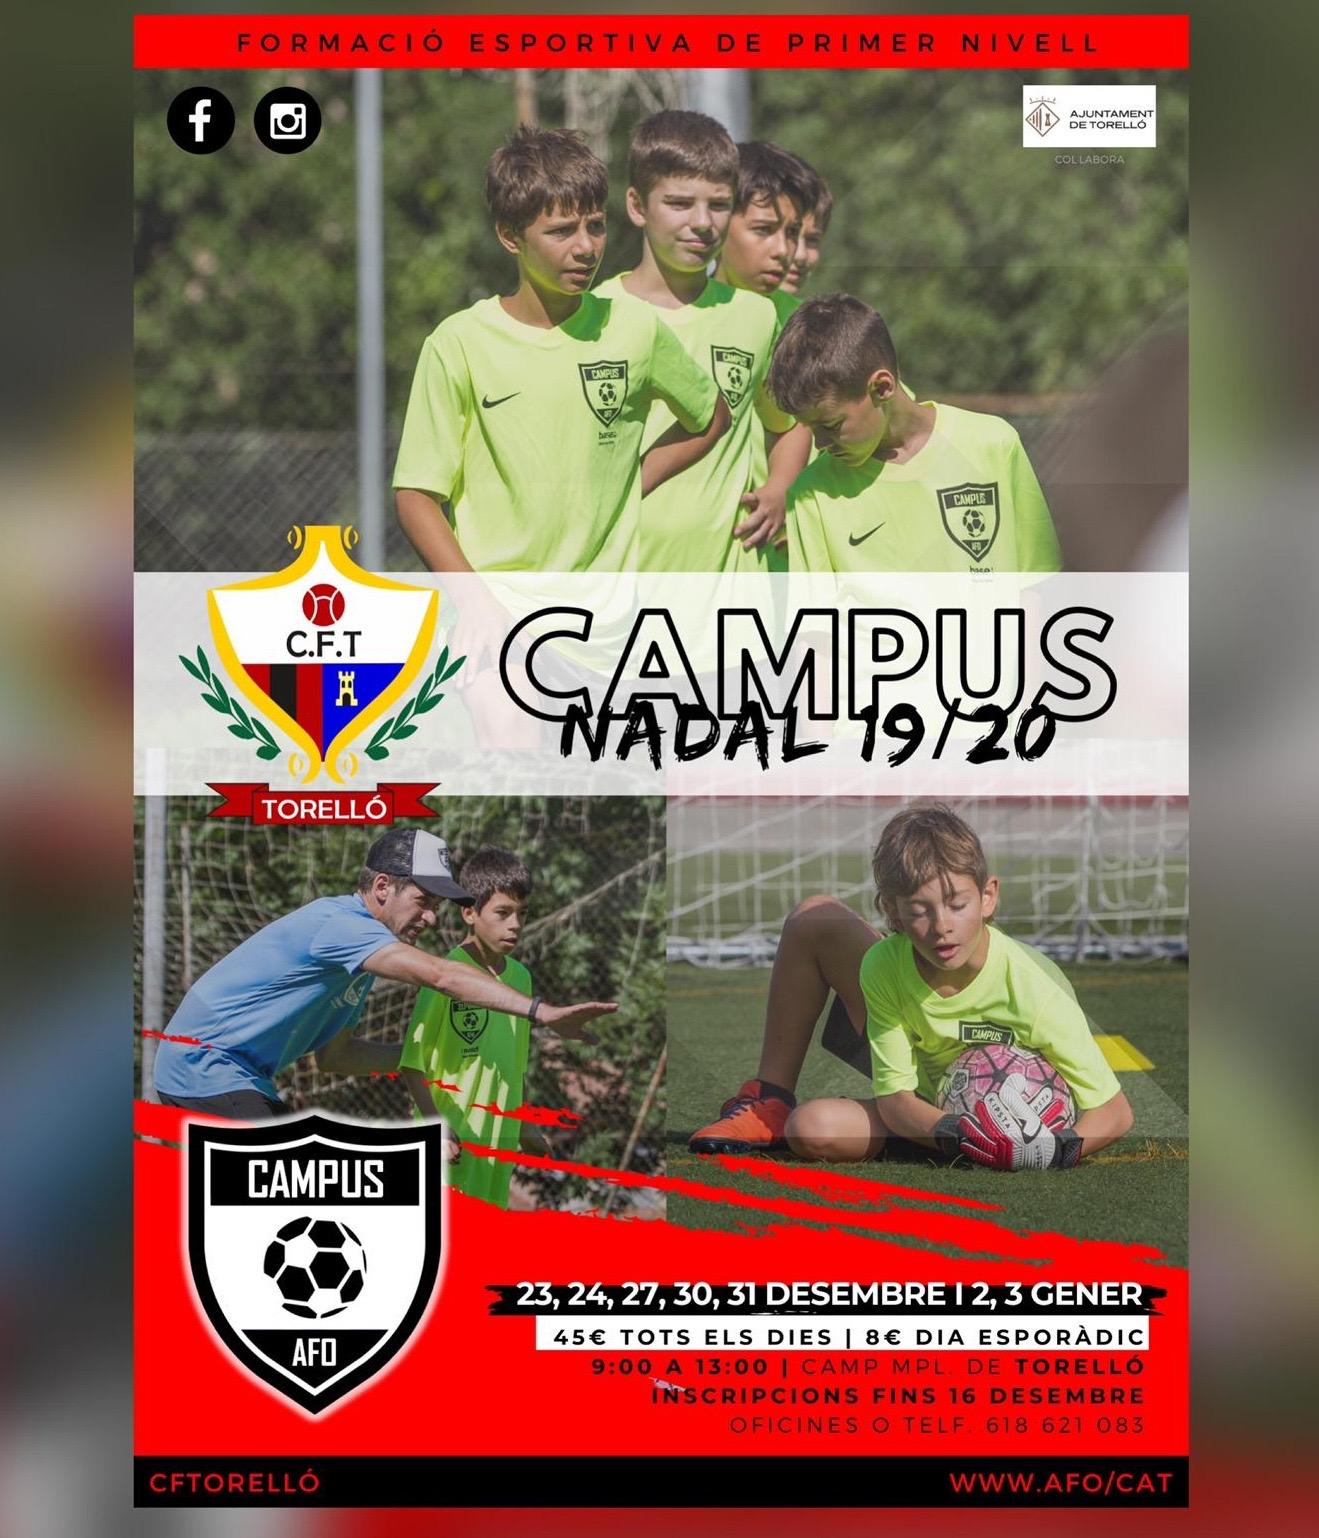 CAMPUS DE FUTBOL NADAL 2019_2020